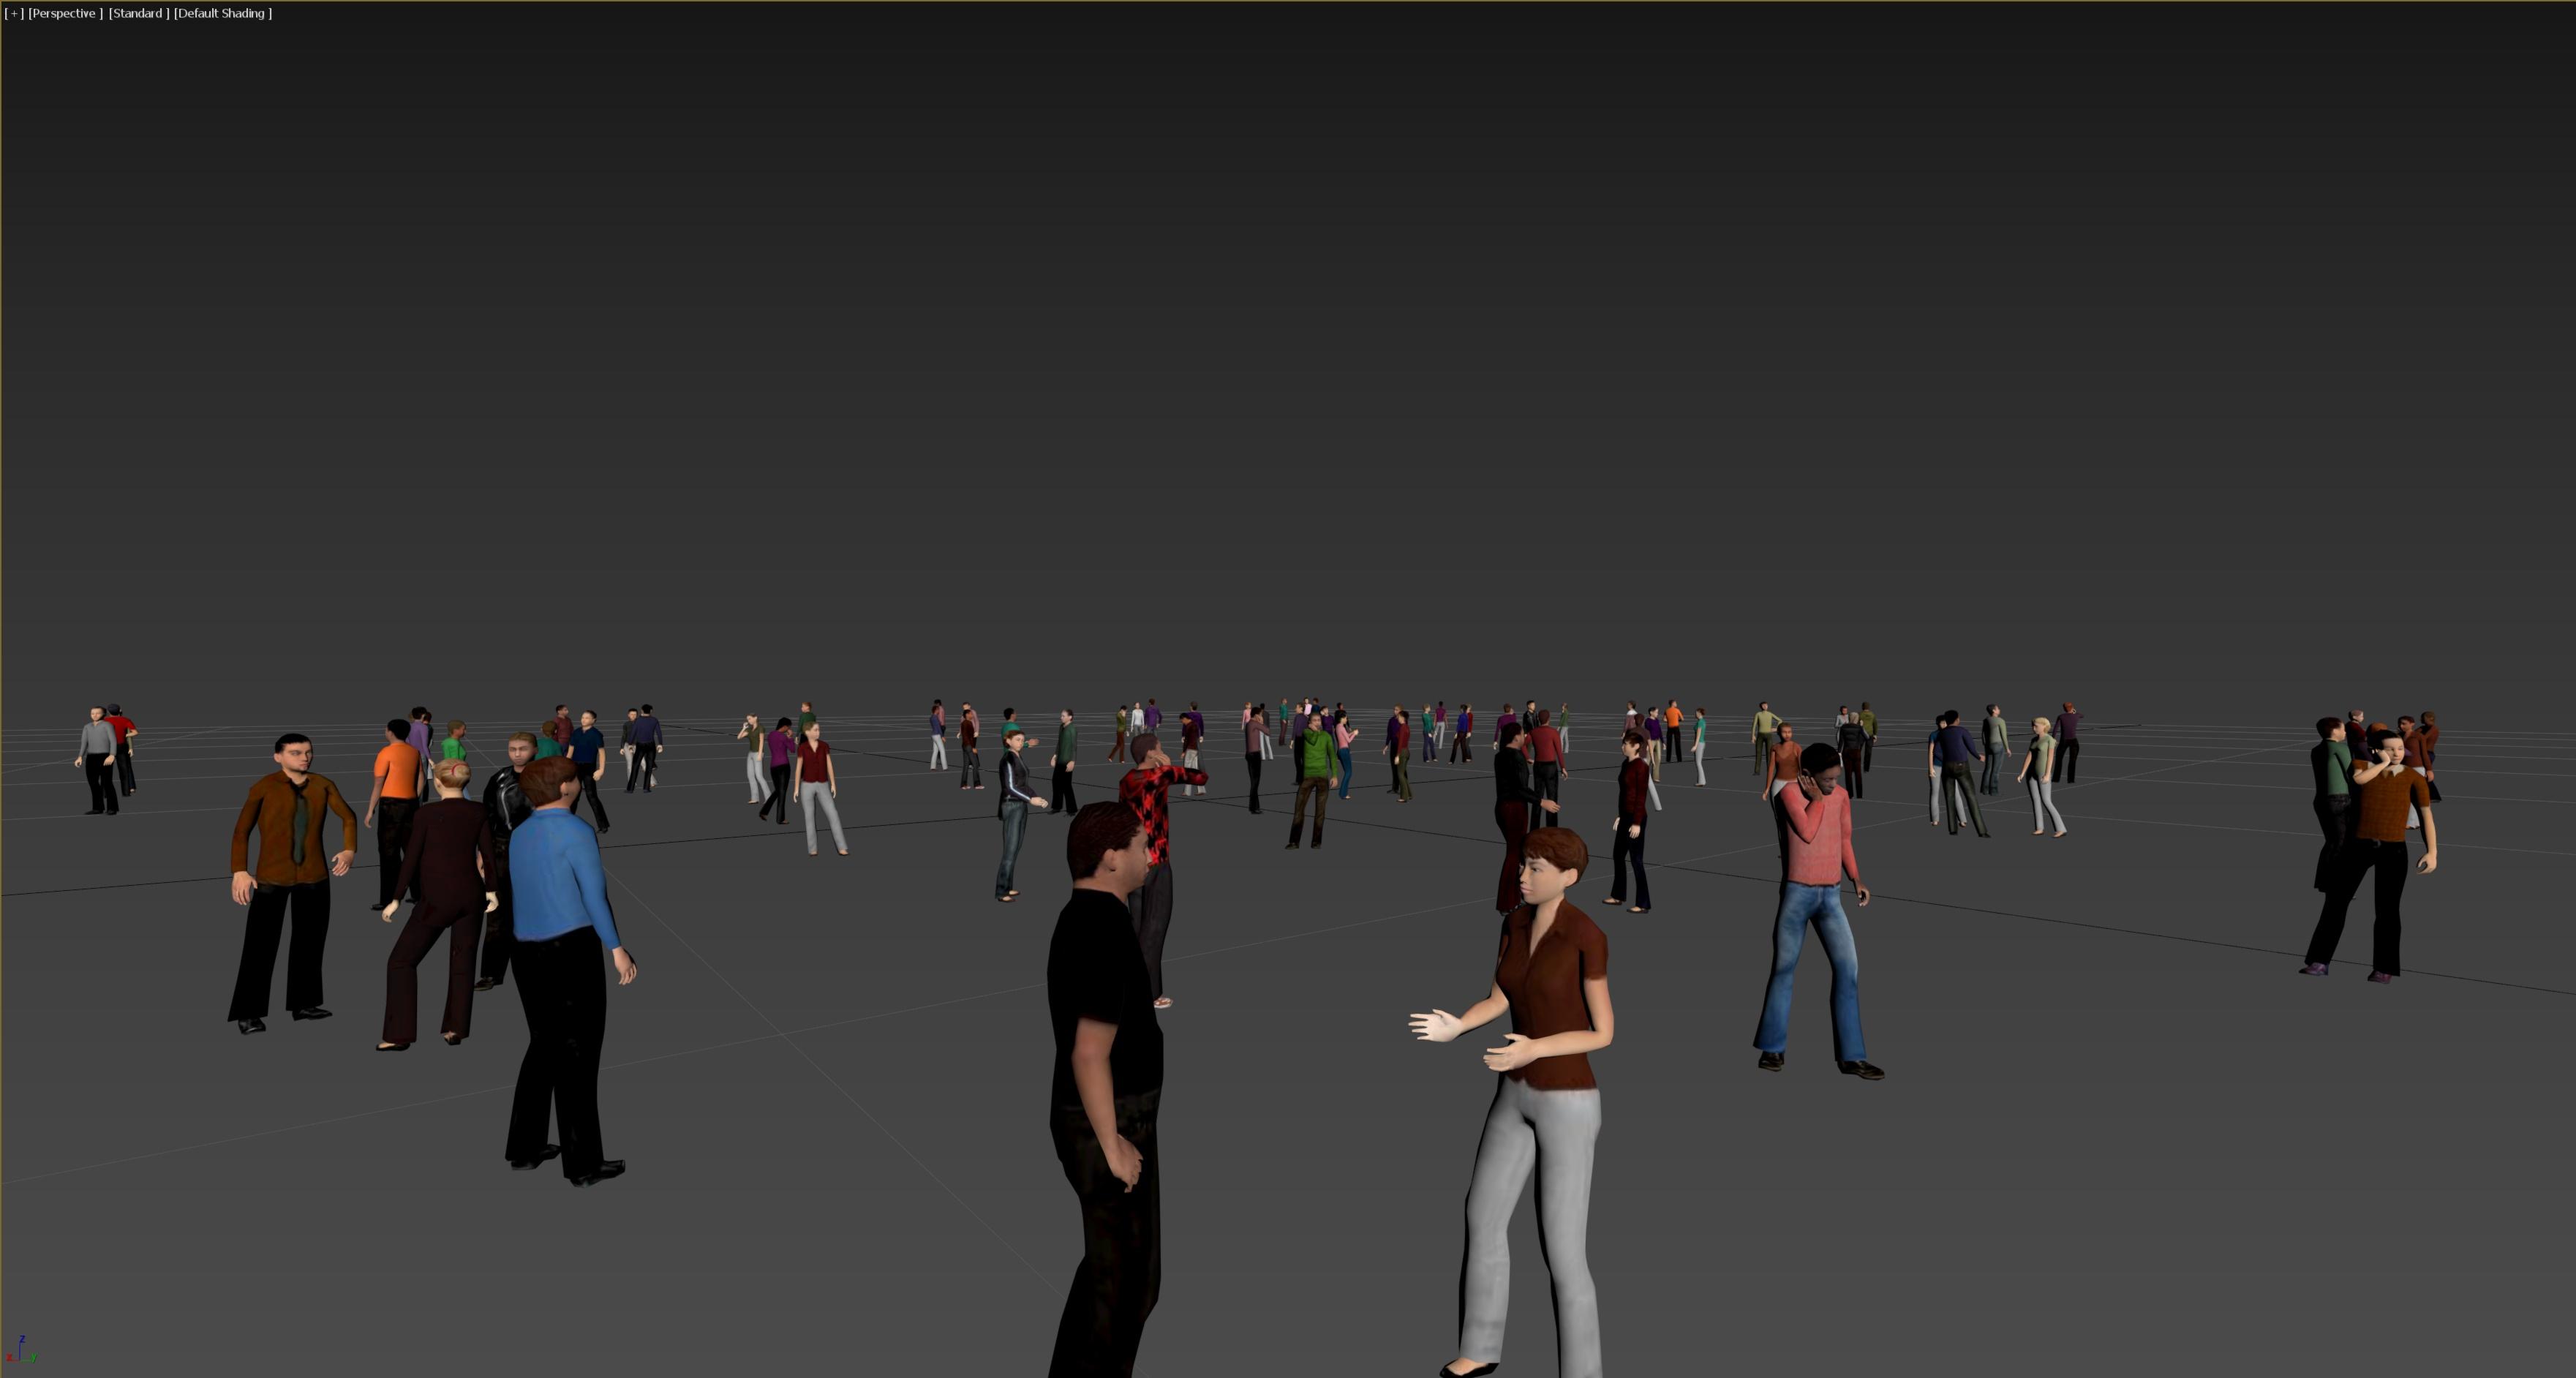 mfs_animated_people.jpg